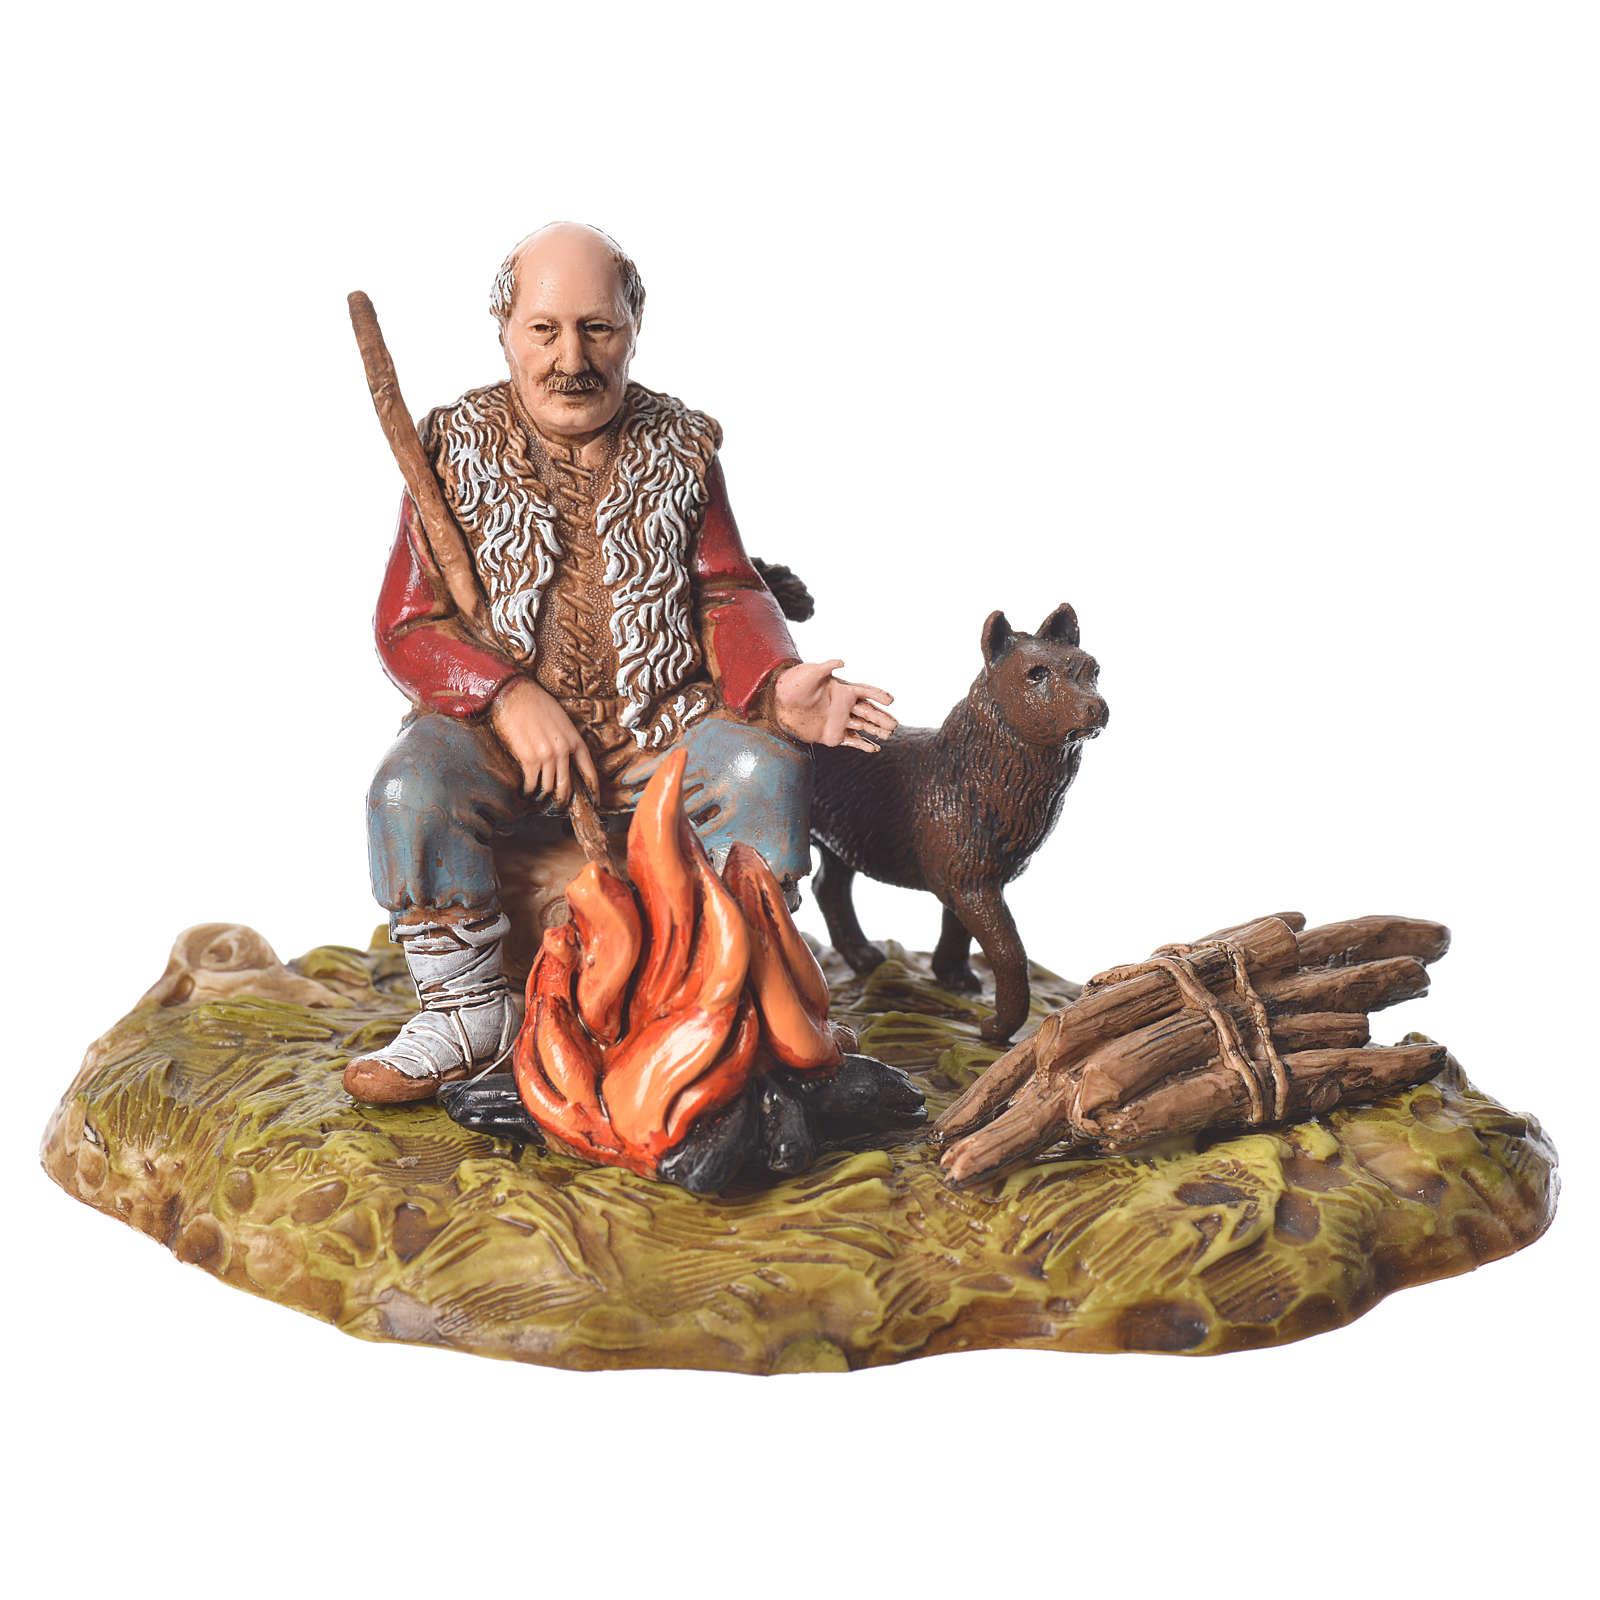 Uomo con fuoco 10 cm Moranduzzo 4